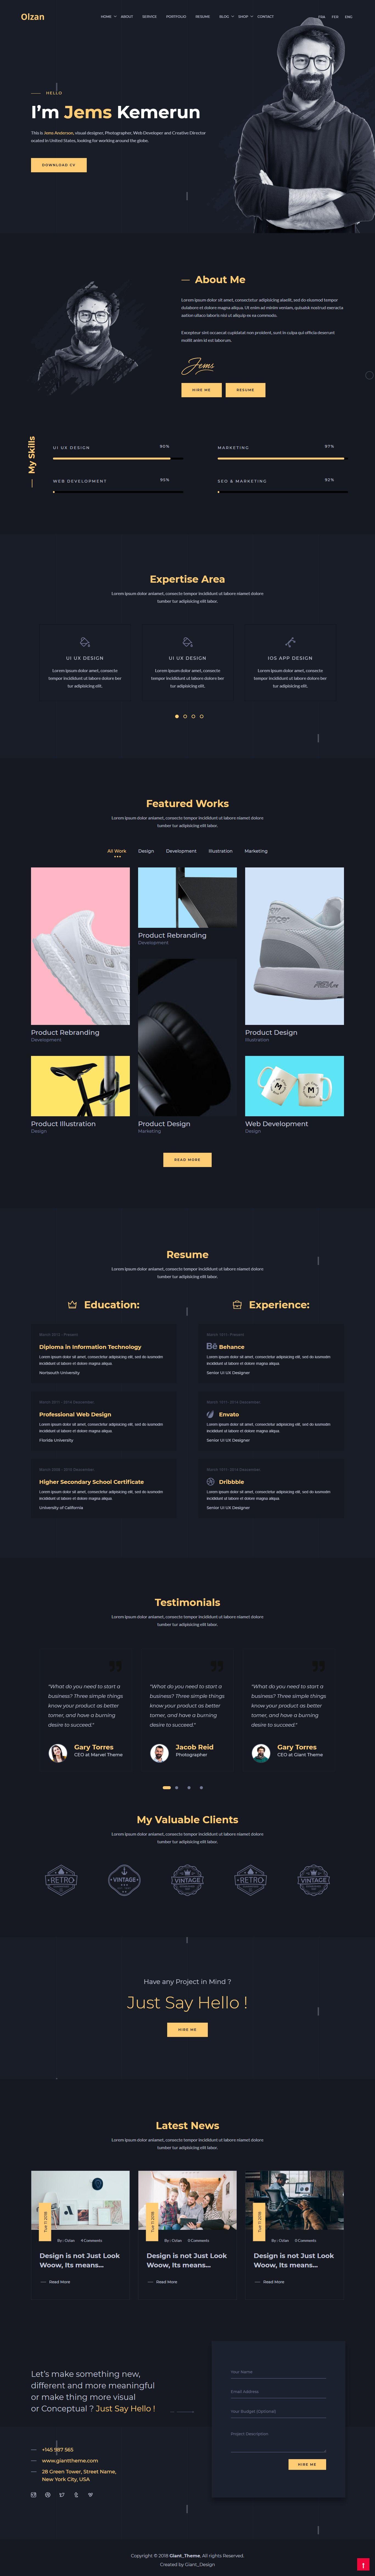 Ozlan A Creative Minimal Portfolio WordPress Theme for